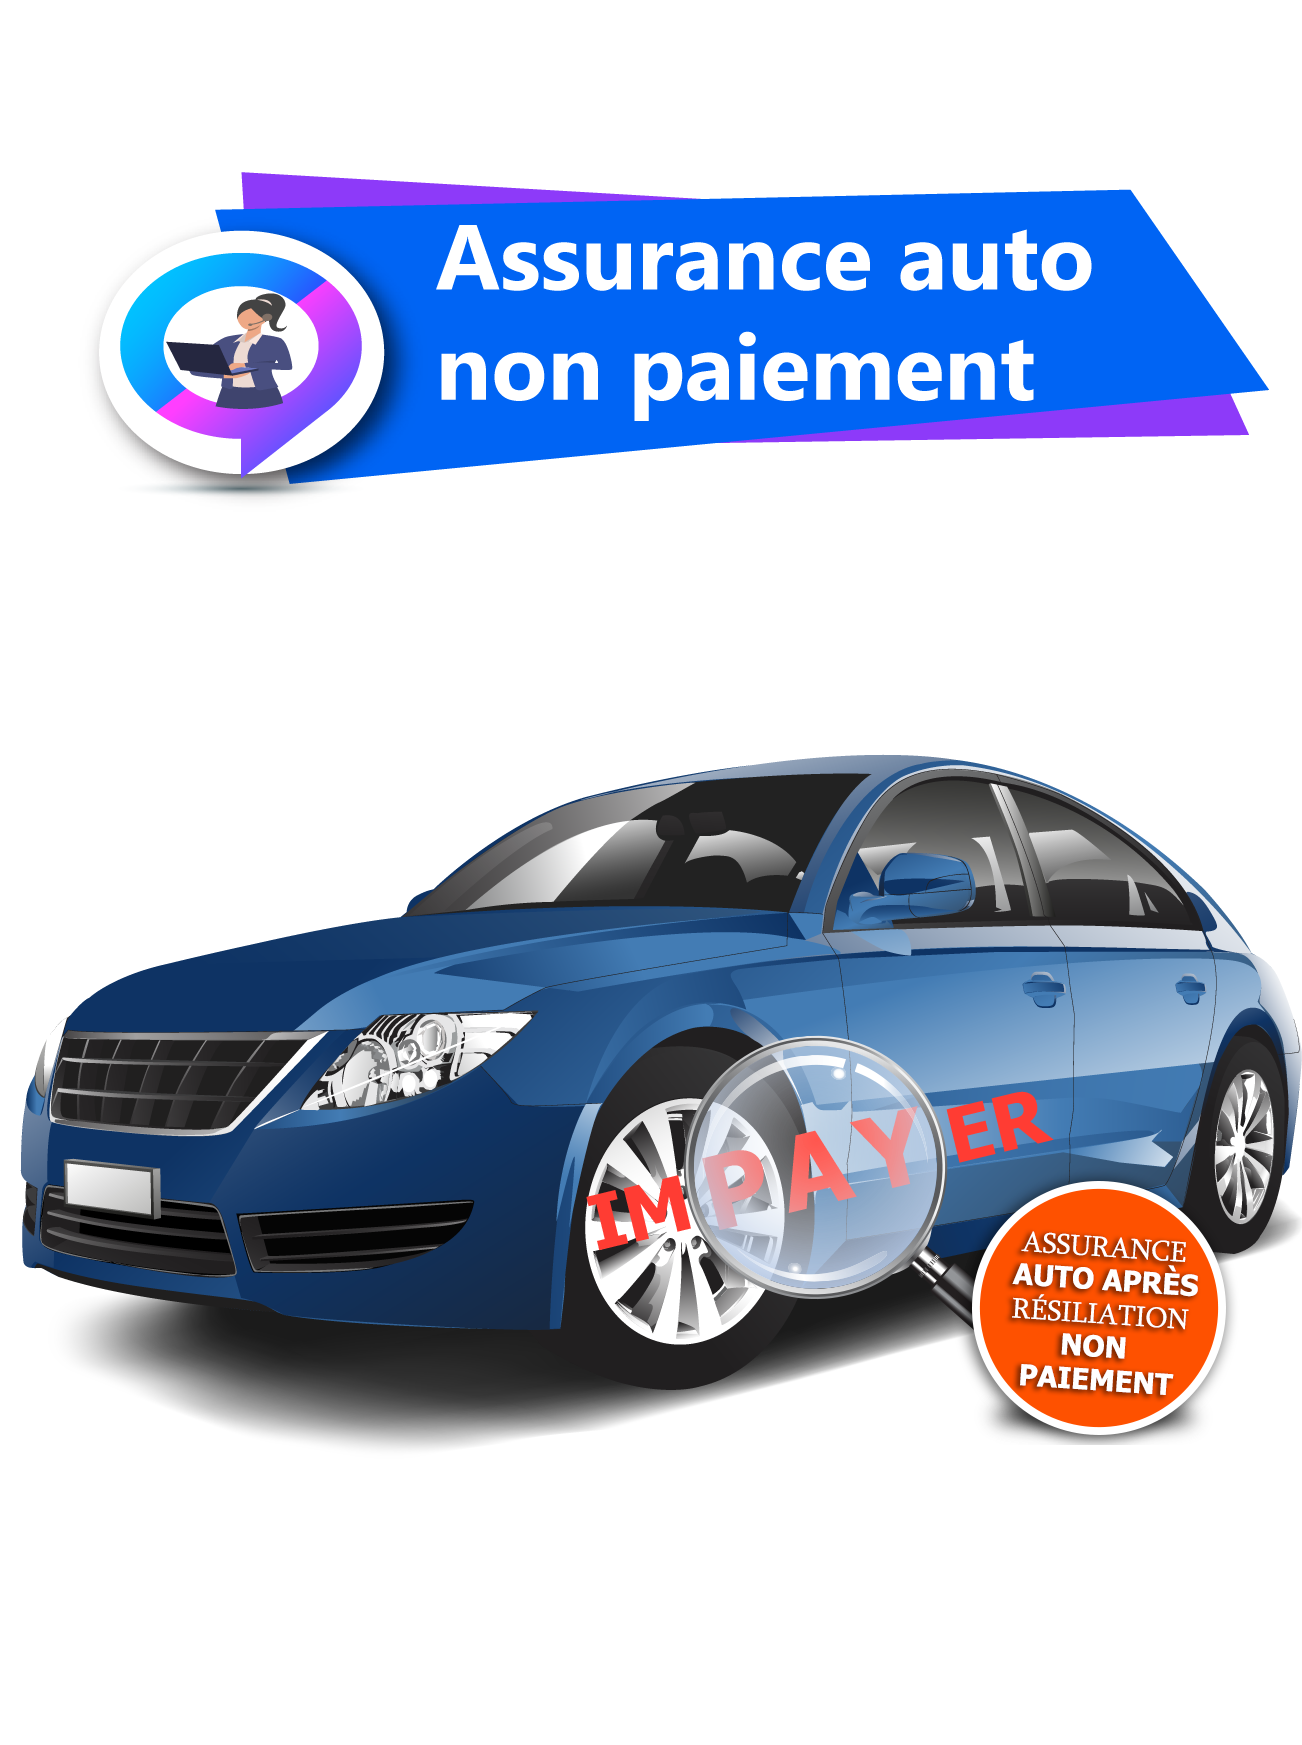 Assurance auto non-paiement